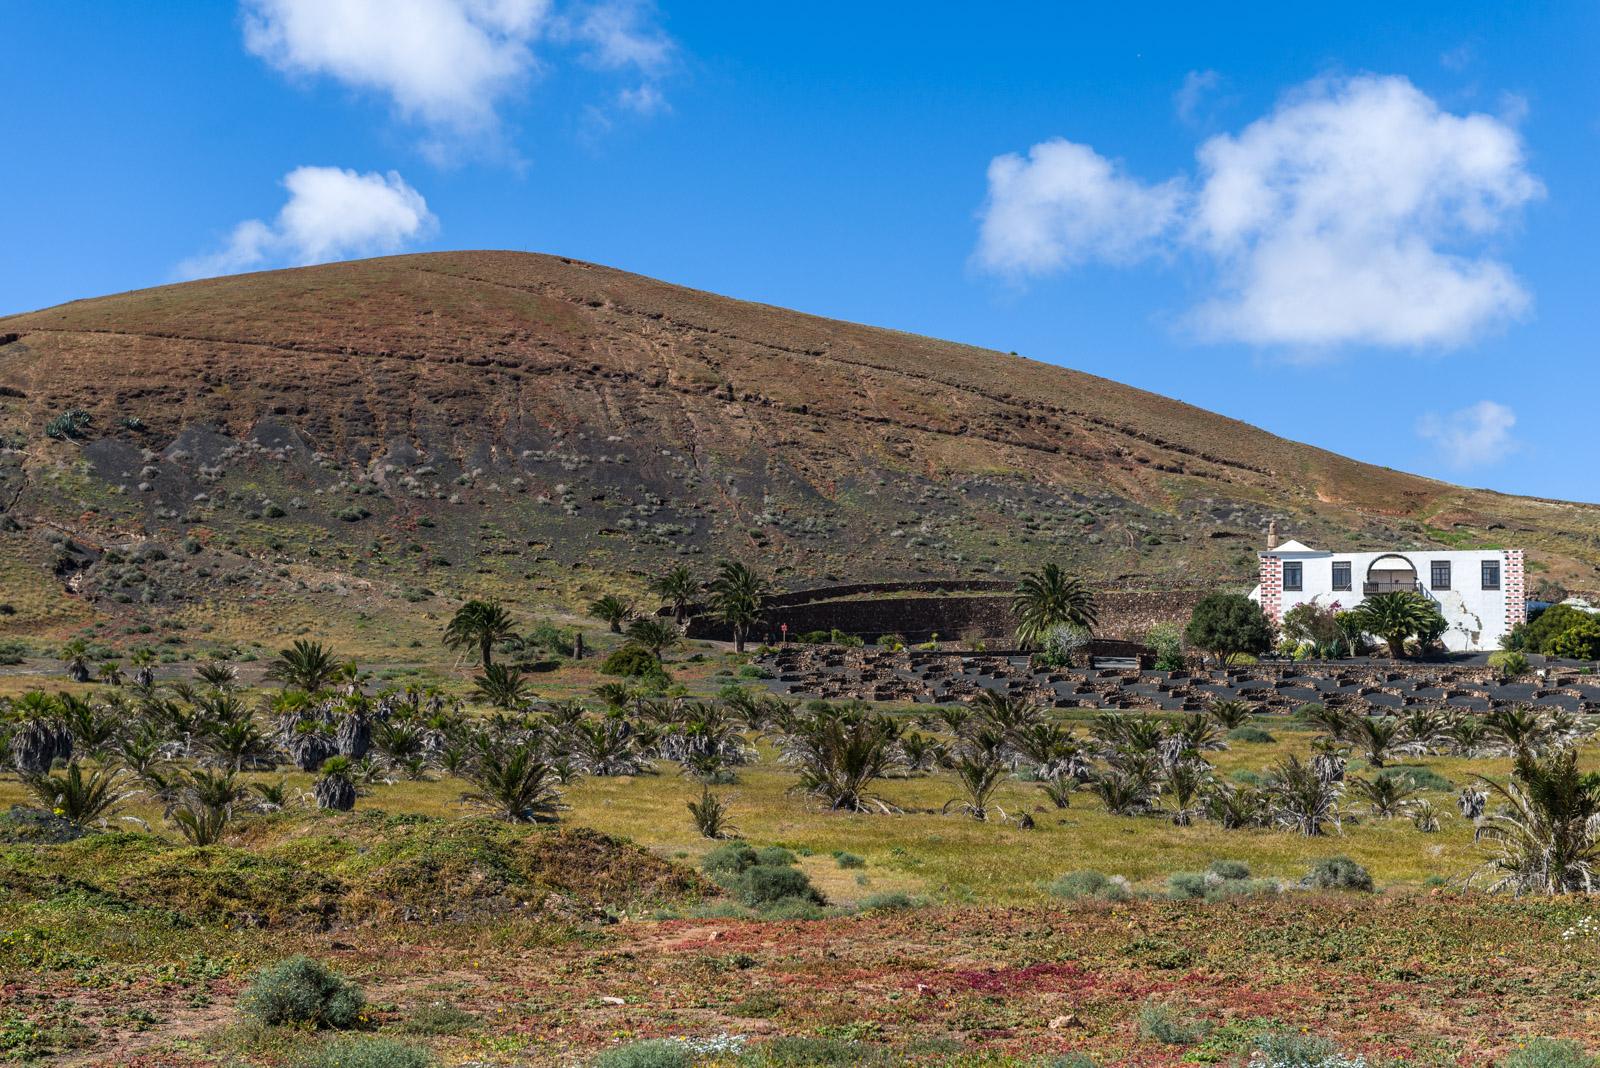 Iles Canaries - Lanzarote (2015)